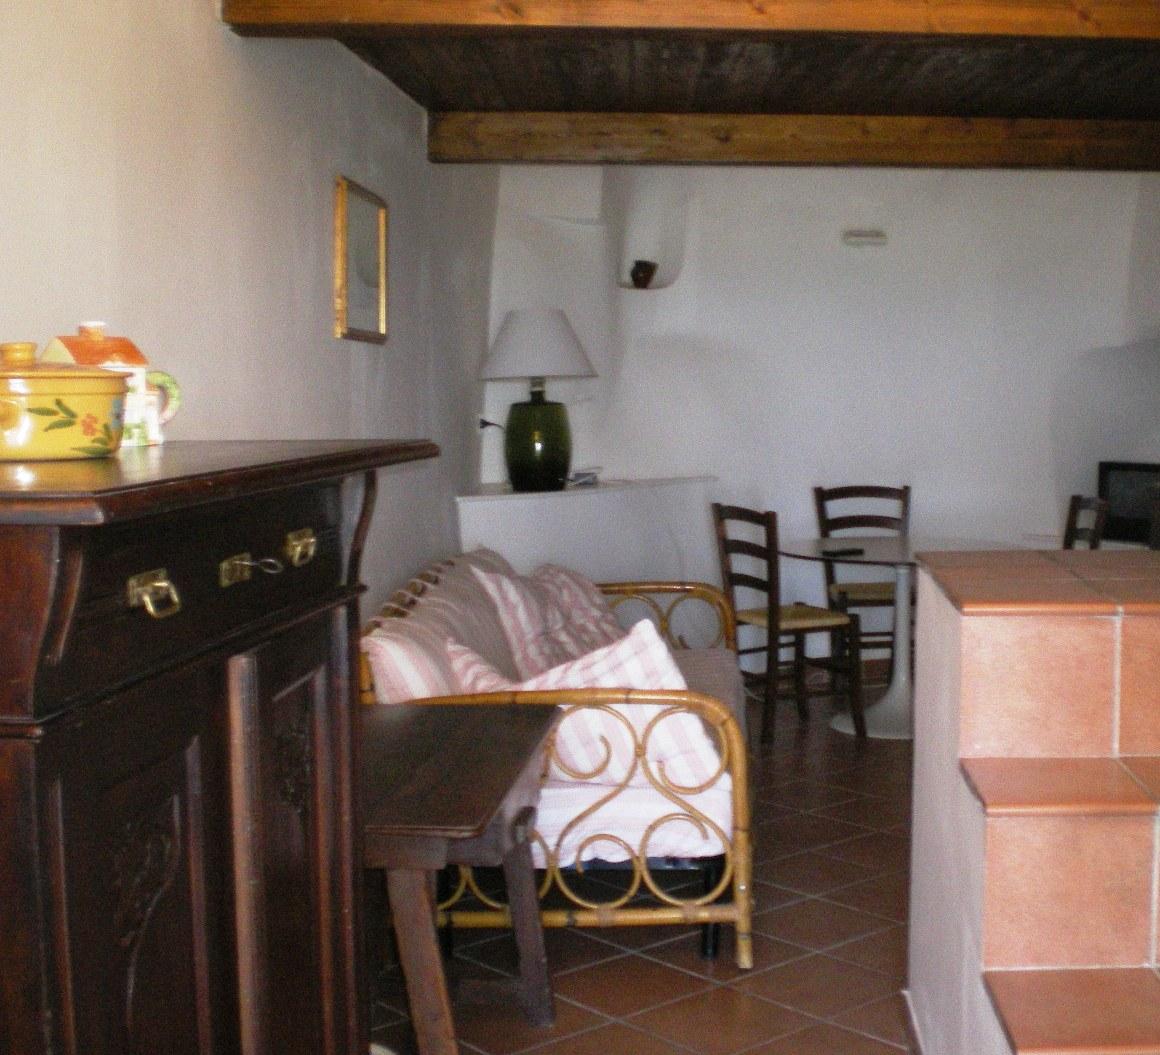 Vendita casa indipendente ostuni brindisi italia for Vendita case milano centro